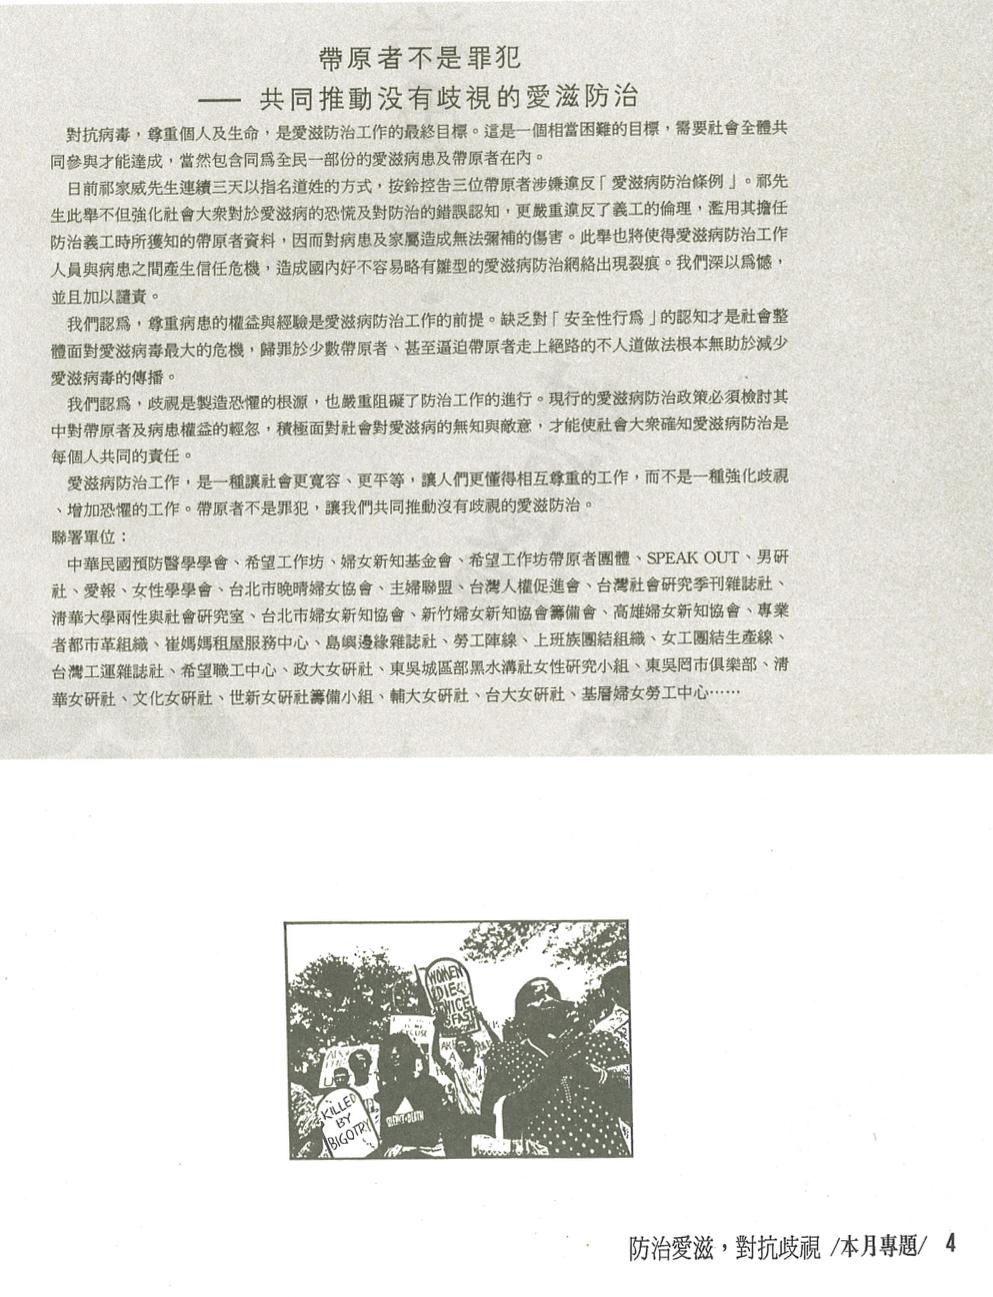 1994年,30多个民间团体连署抗议祁家威告发感染者。(资料来源:《妇女新知》第147期 )